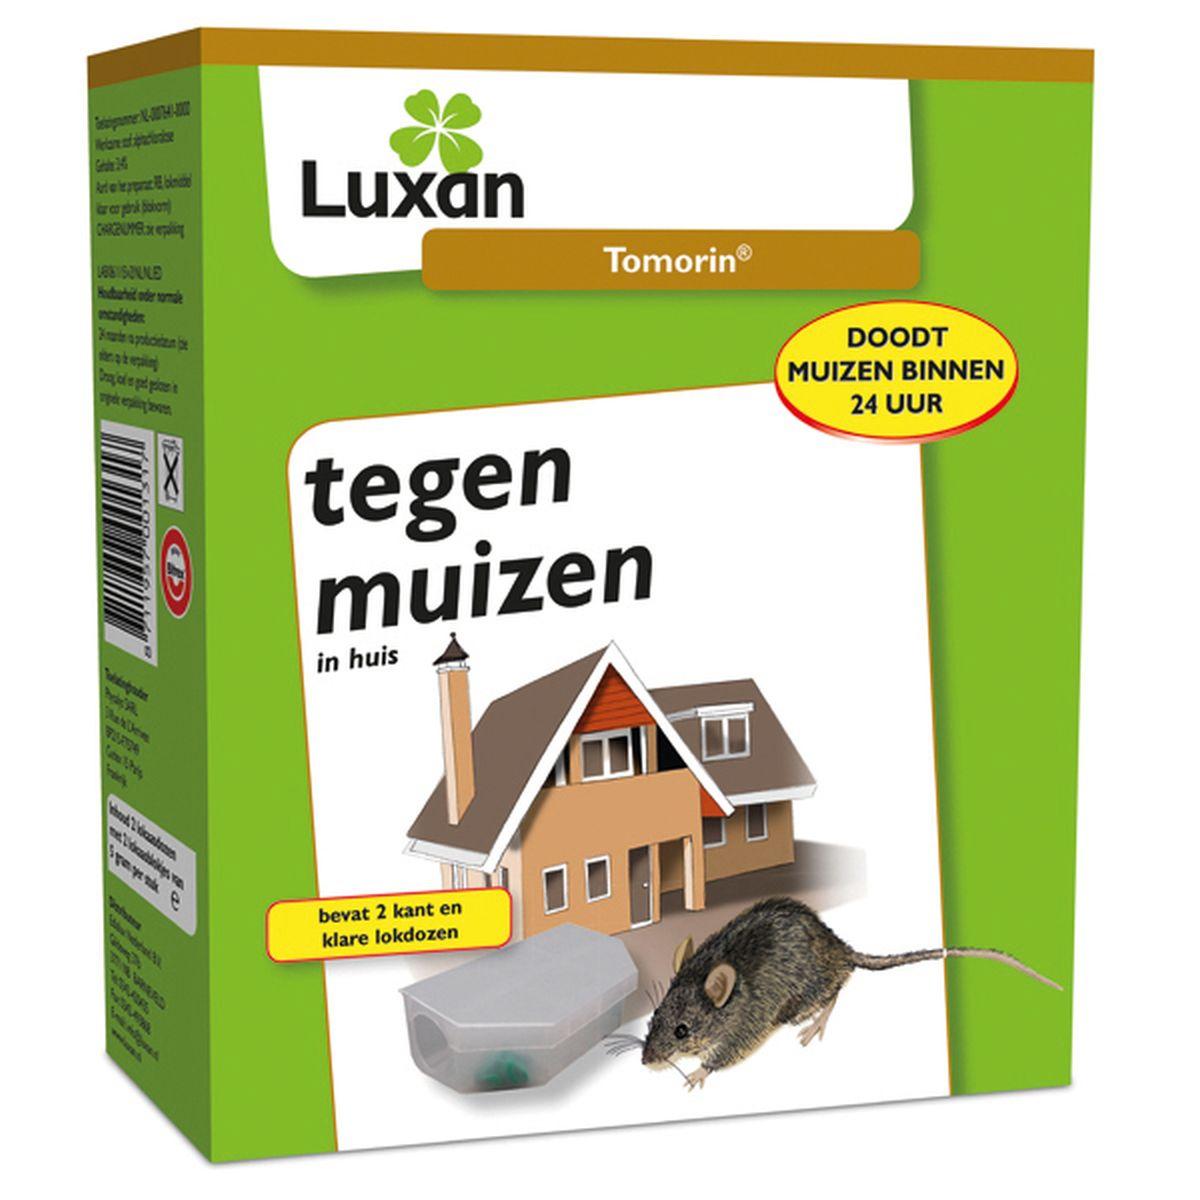 Luxan Tomorin Tegen Muizen met twee gratis voerdoosjes